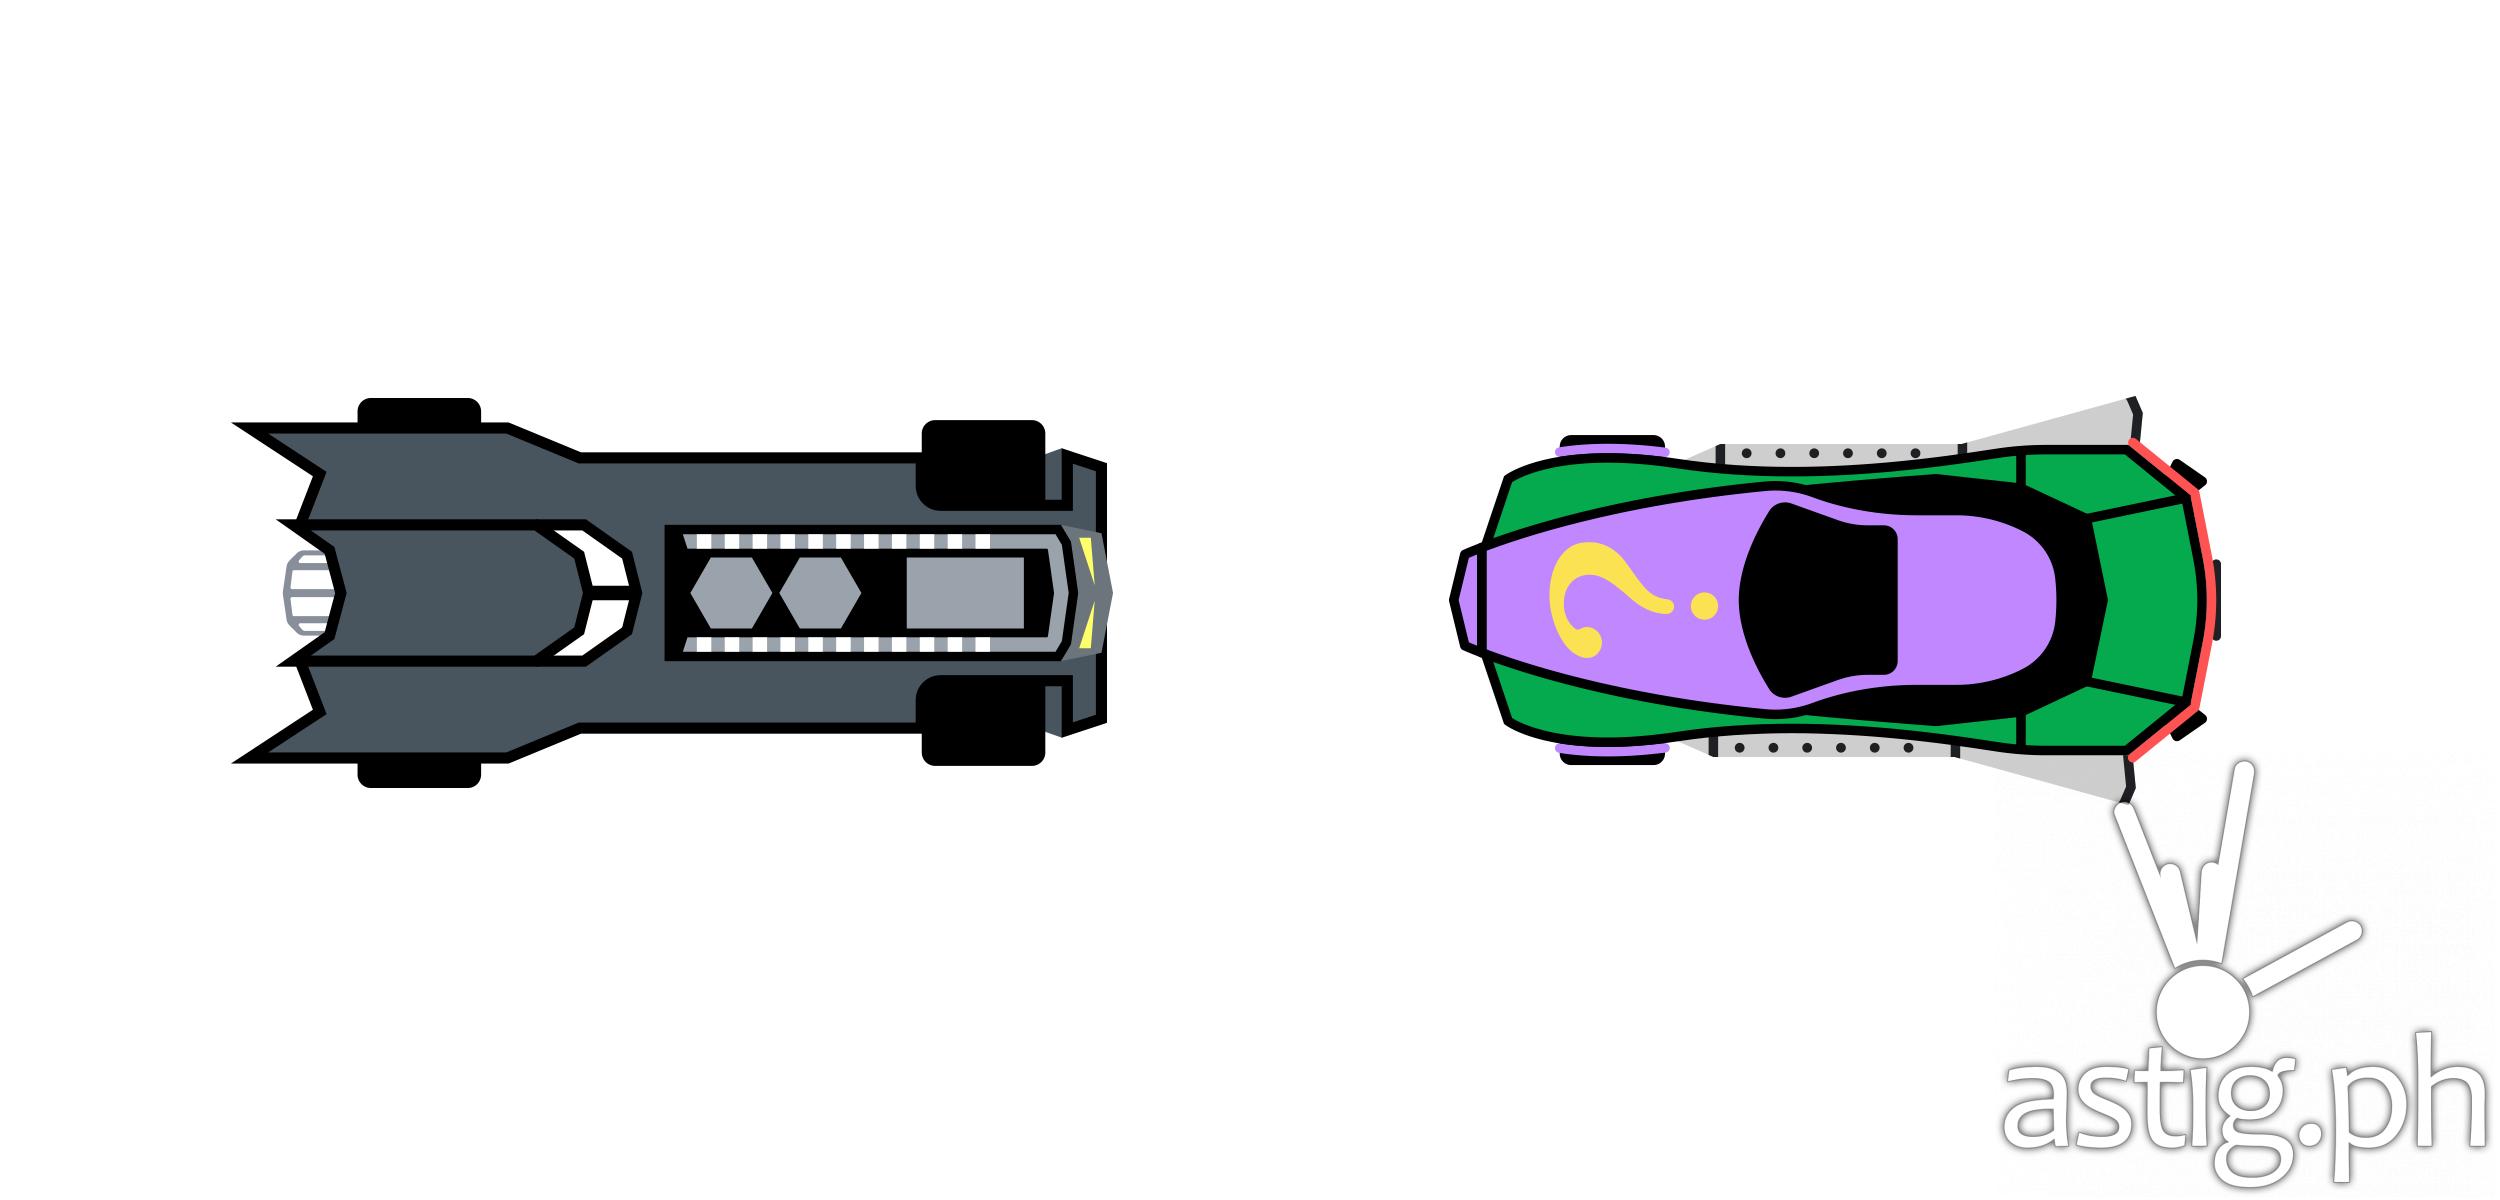 Batmobile The Riddler Racer on Waze